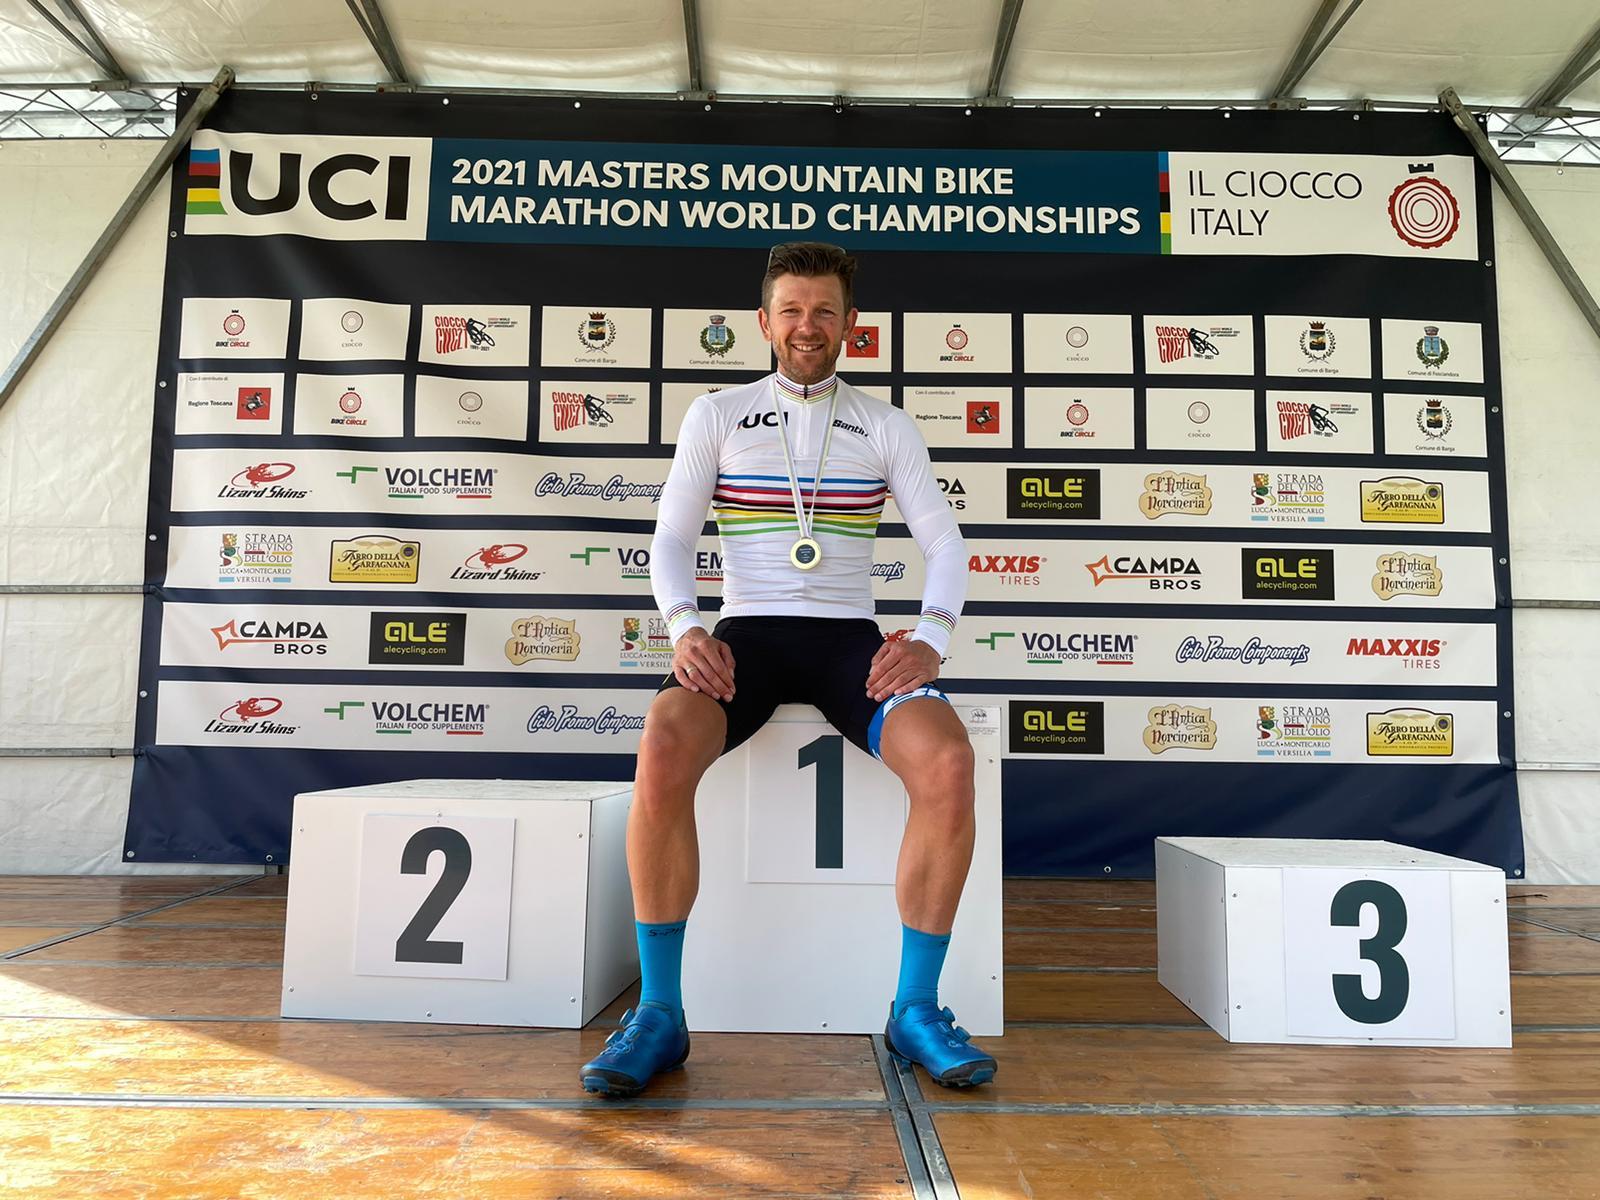 Der Altmeister kann es noch: Karl Platt krönt sich zum UCI Masters Weltmeister